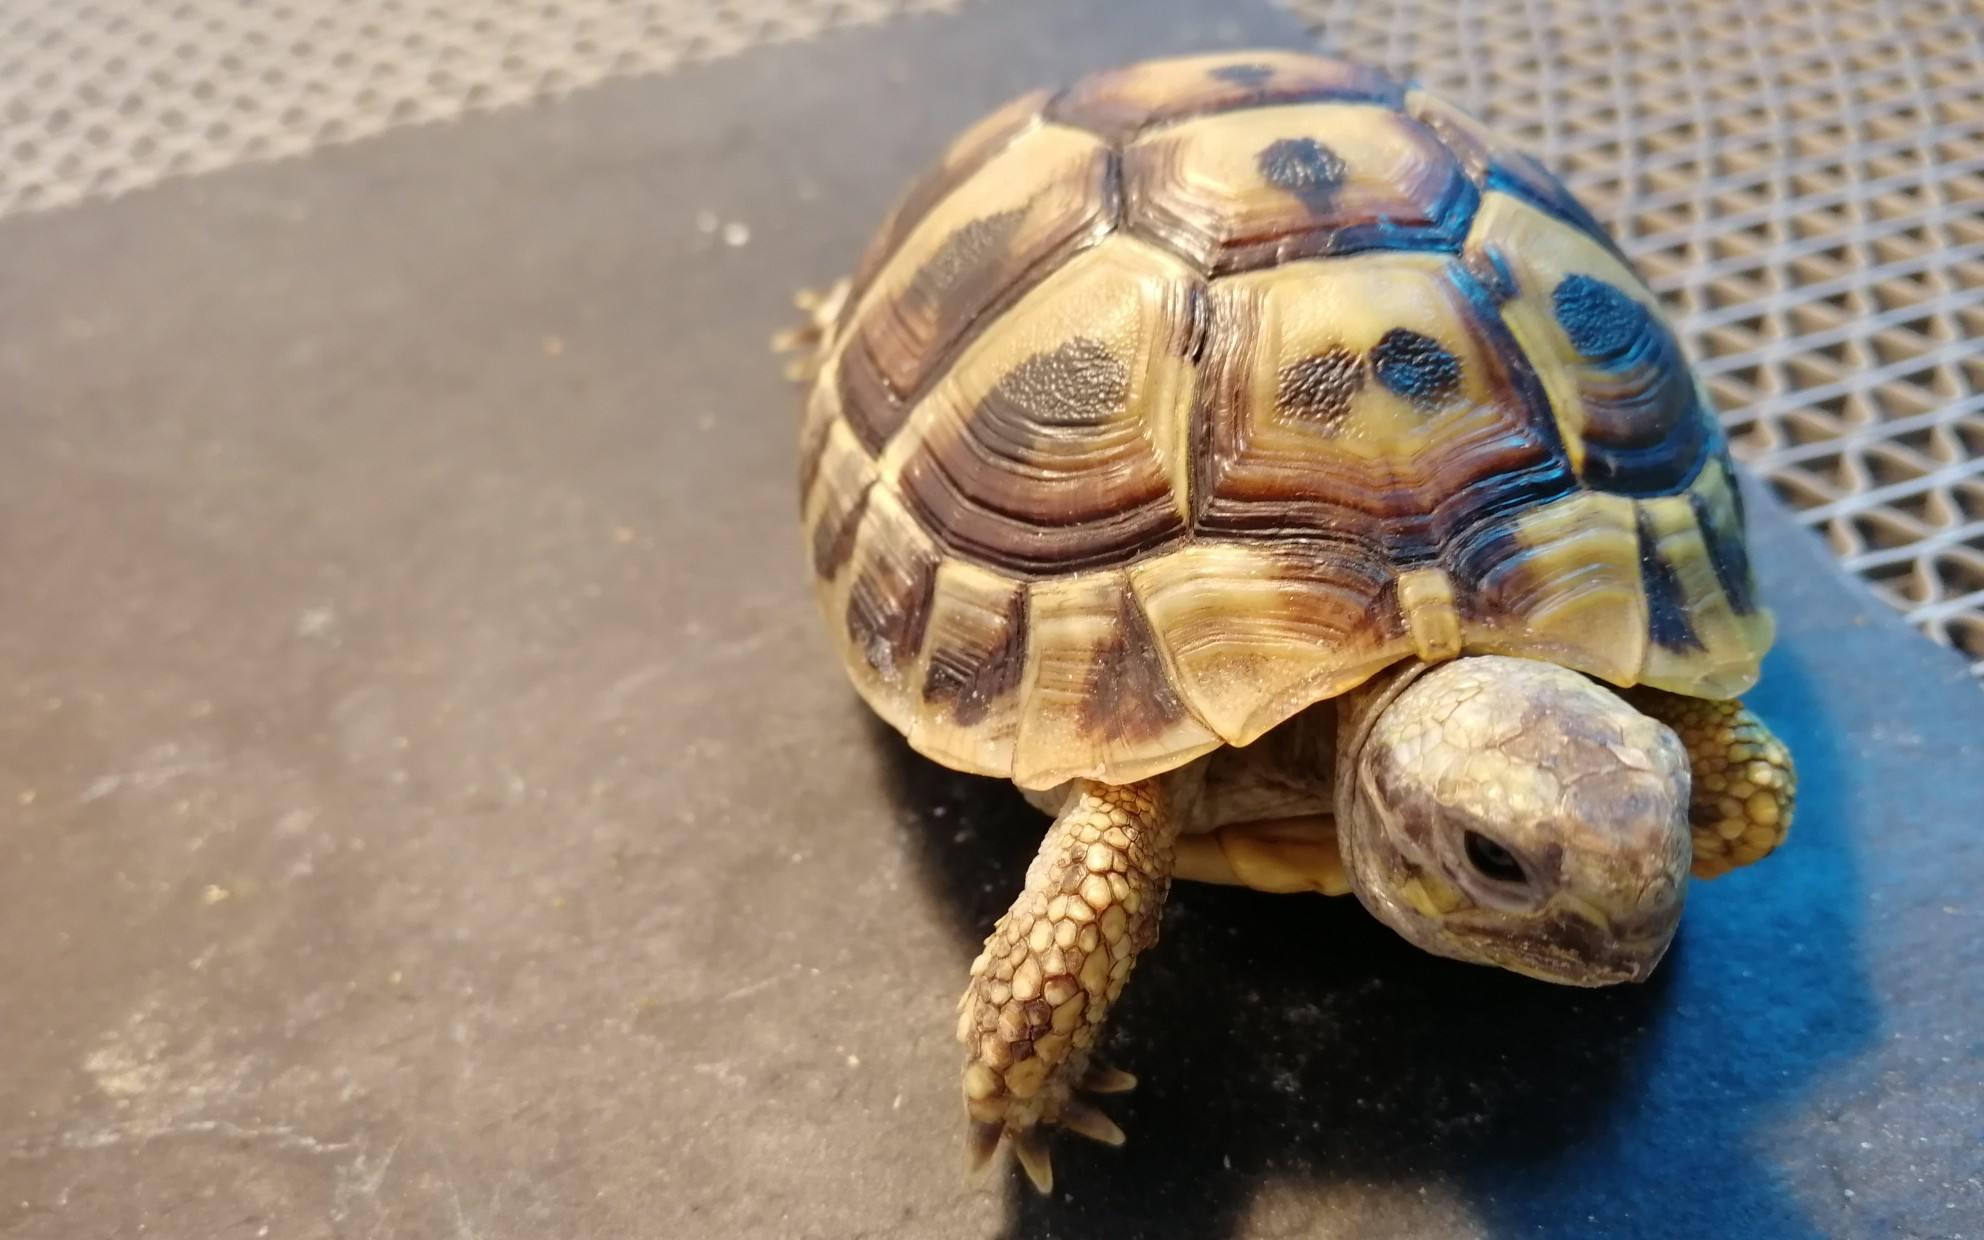 赫曼陆龟泡澡泡几分钟 赫曼陆龟每天泡澡几分钟